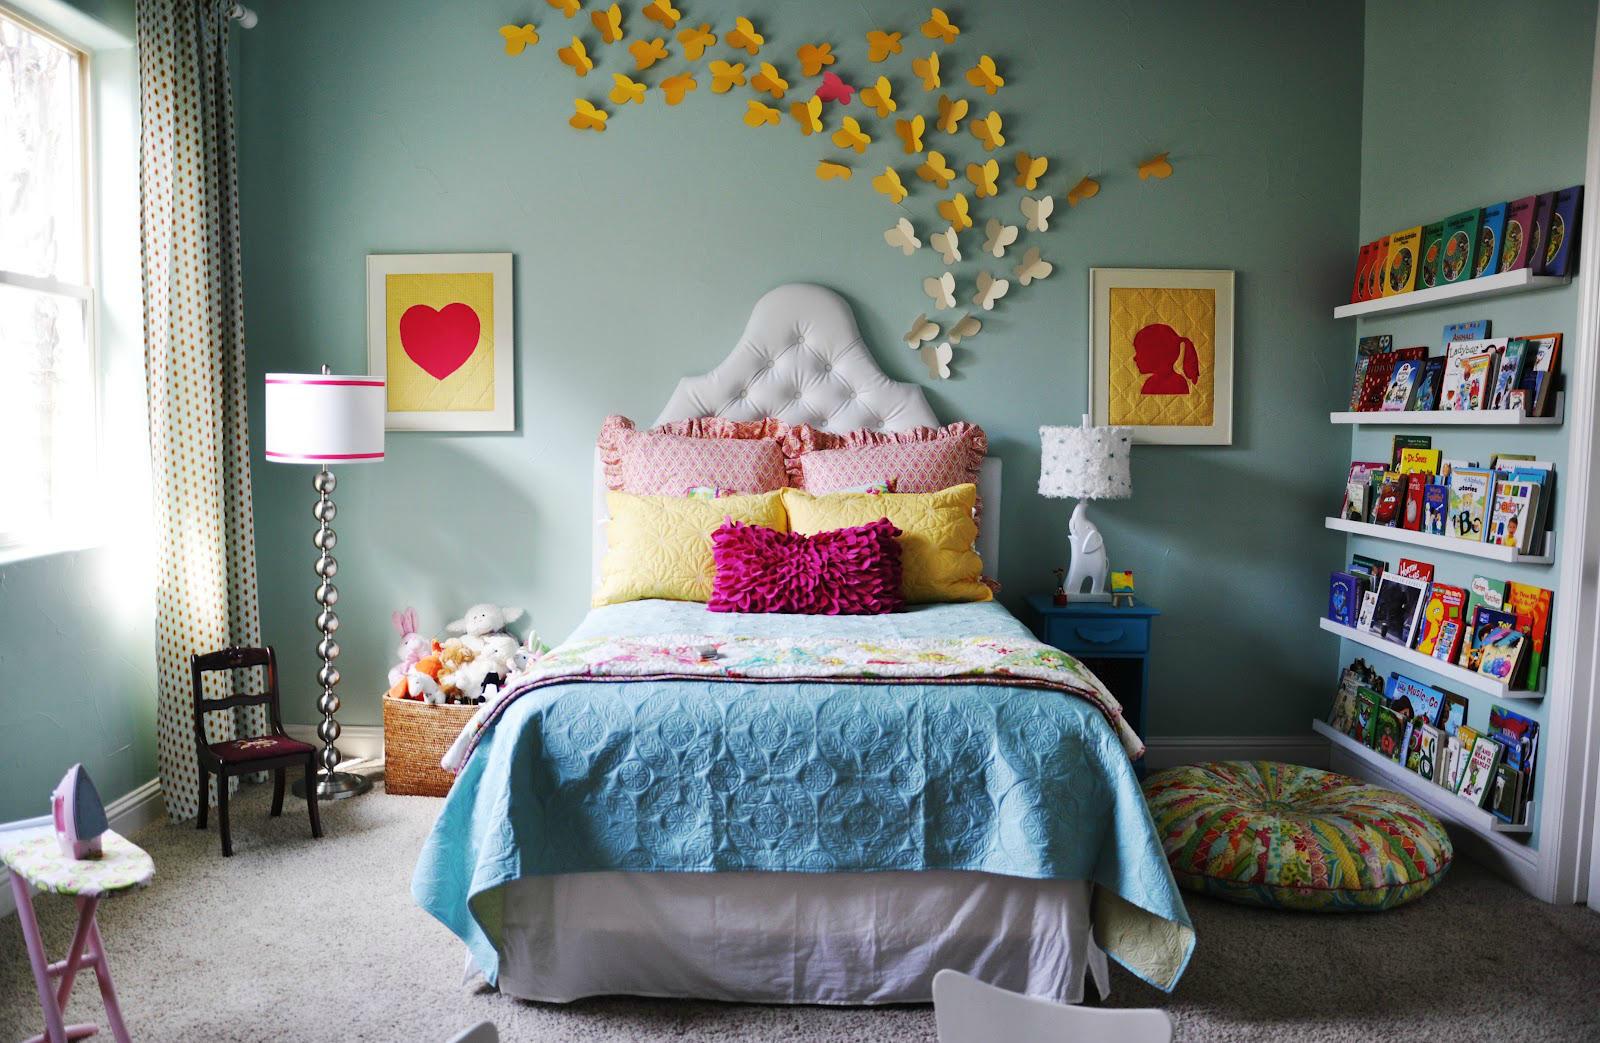 Как украшения для комнаты своими руками фото 49